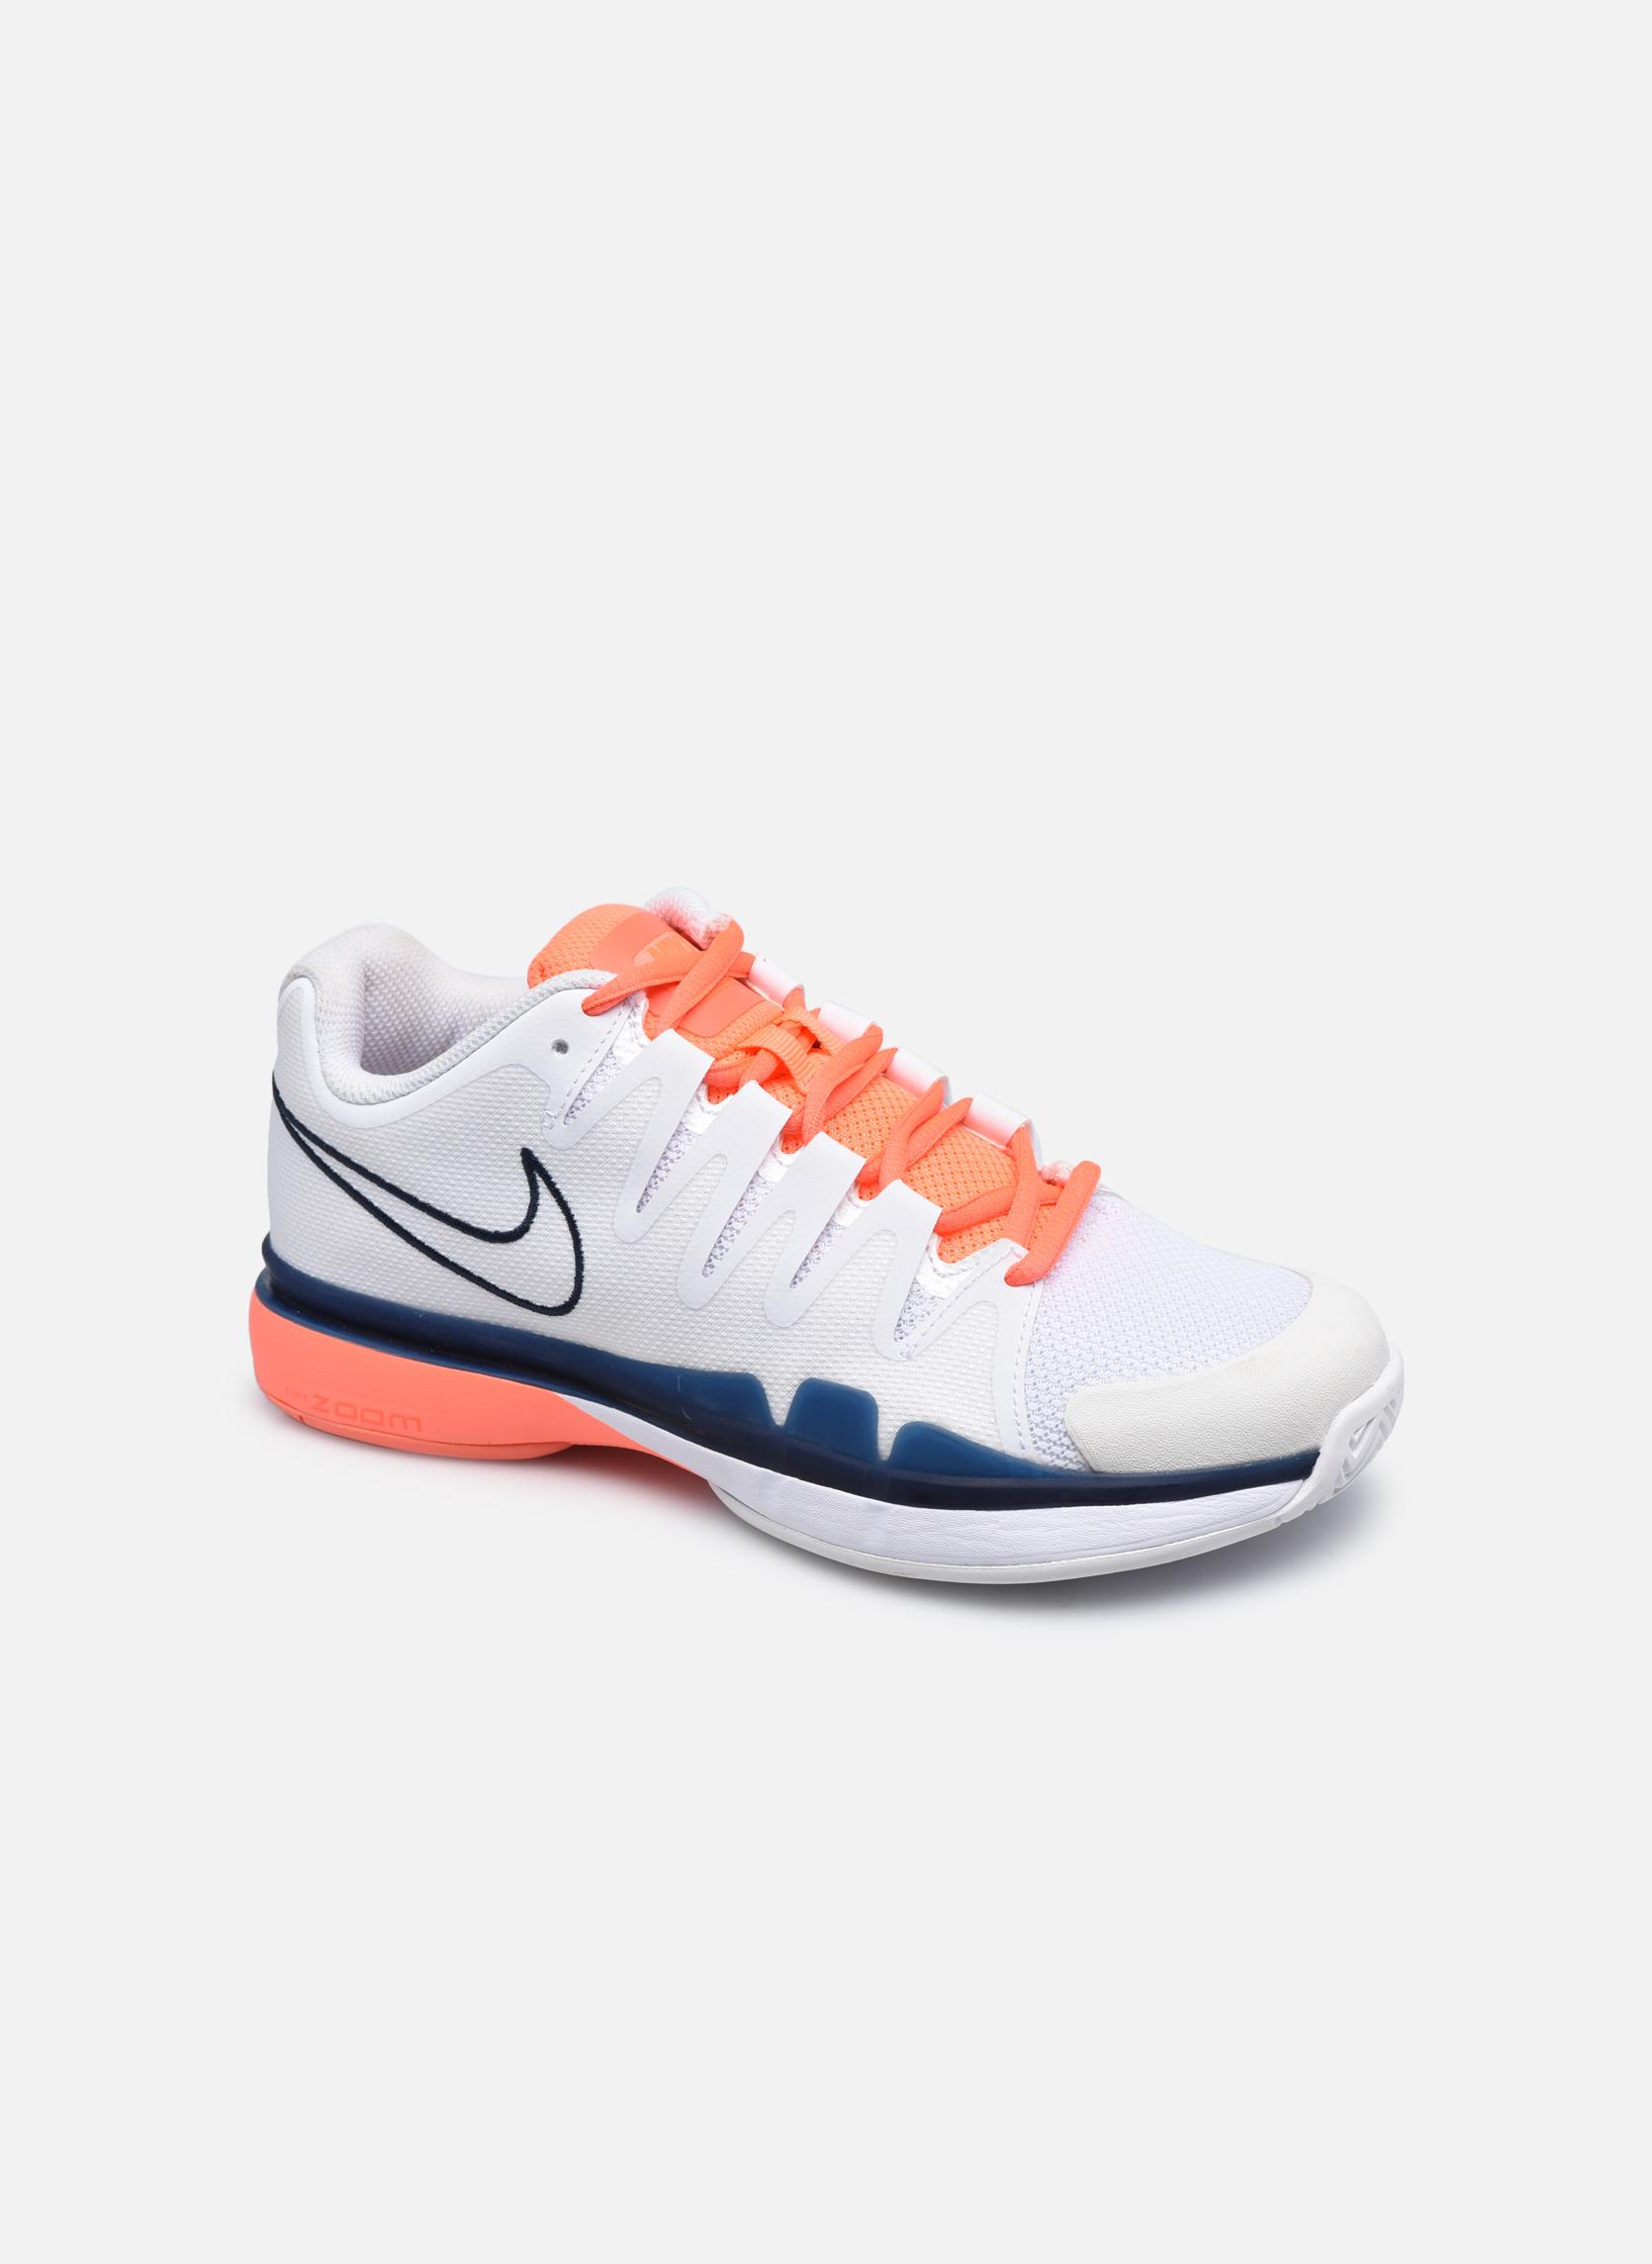 Sportschoenen Nike Zoom Vapor 9.5 Tour by Nike